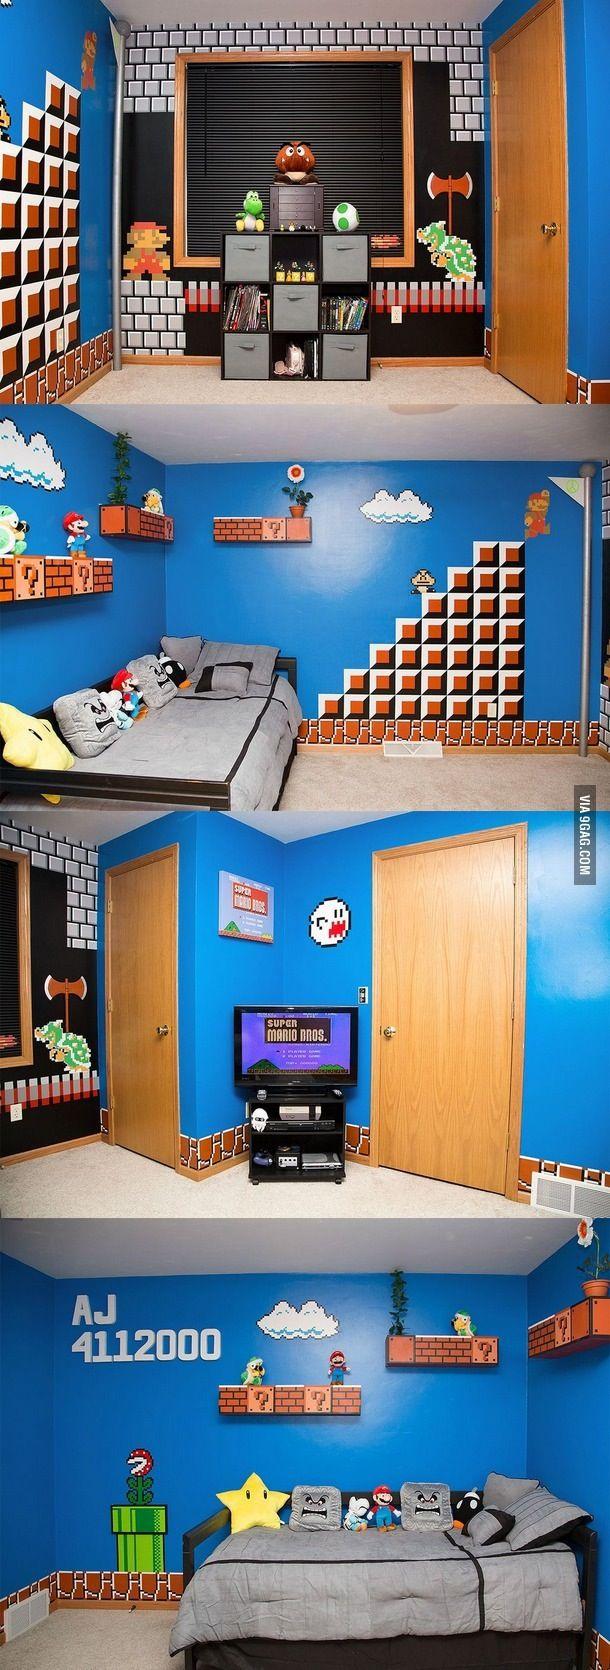 best images about móveis de games on pinterest shelves zelda